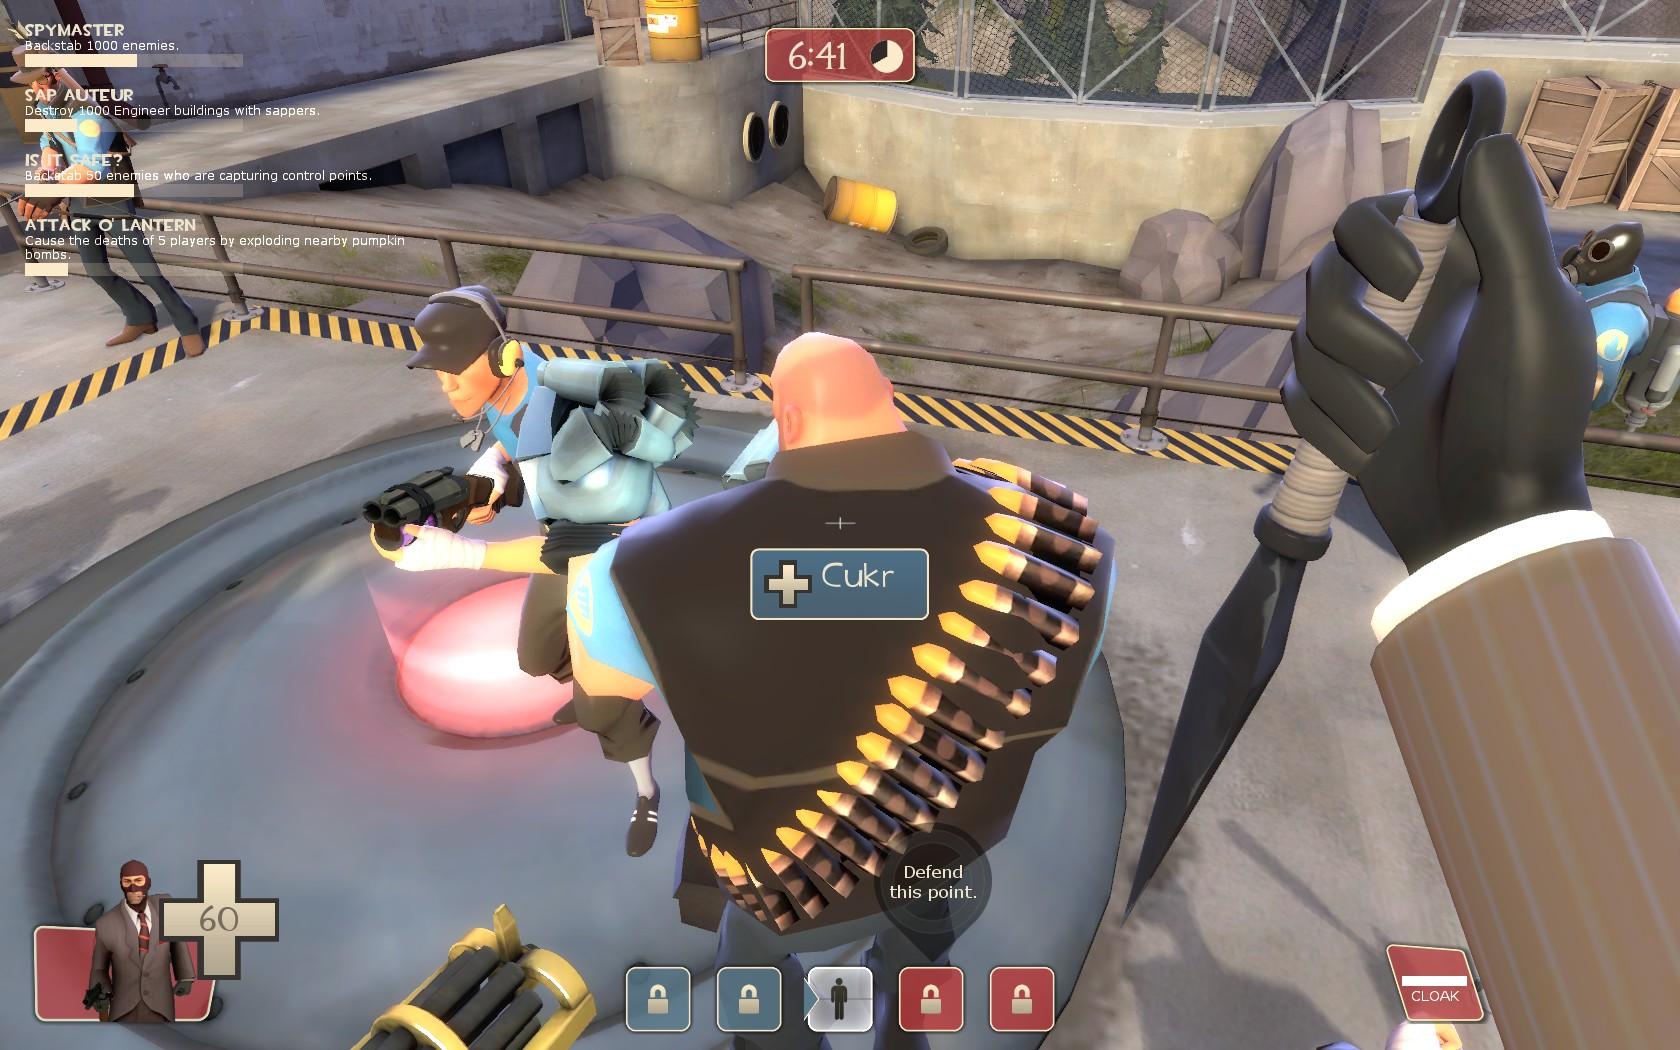 Team Fortress 2 pod nátlakem věrných čtenářů Zingu. Už potřetí 4236